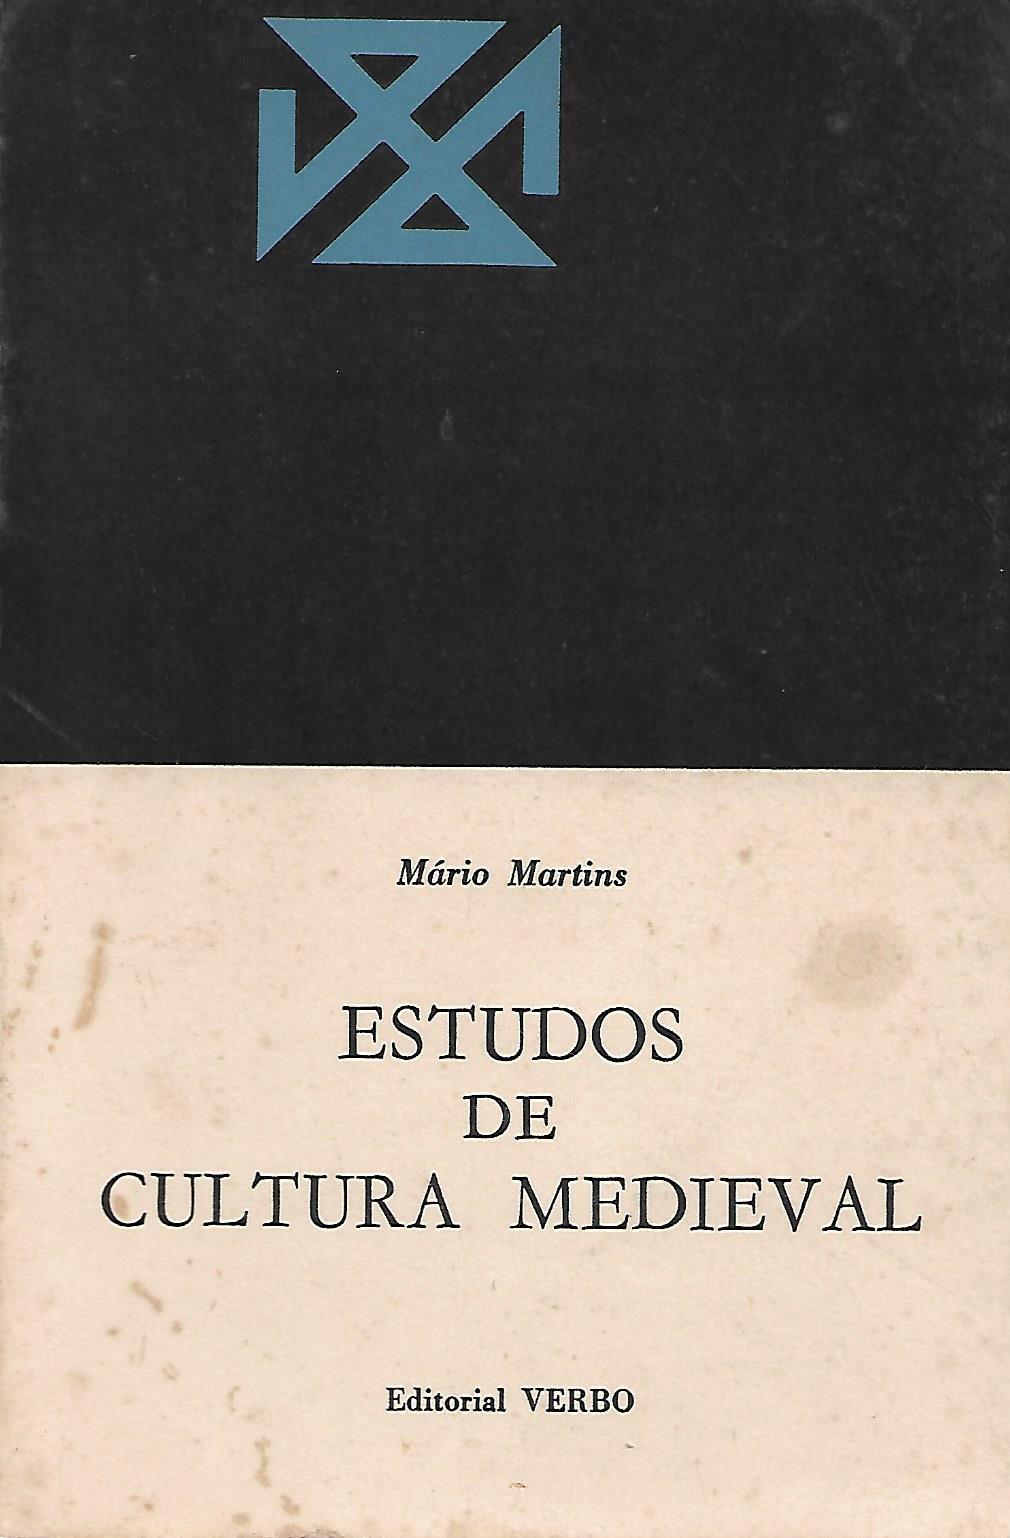 ESTUDOS DE CULTURA MEDIEVAL. 3 VOLS